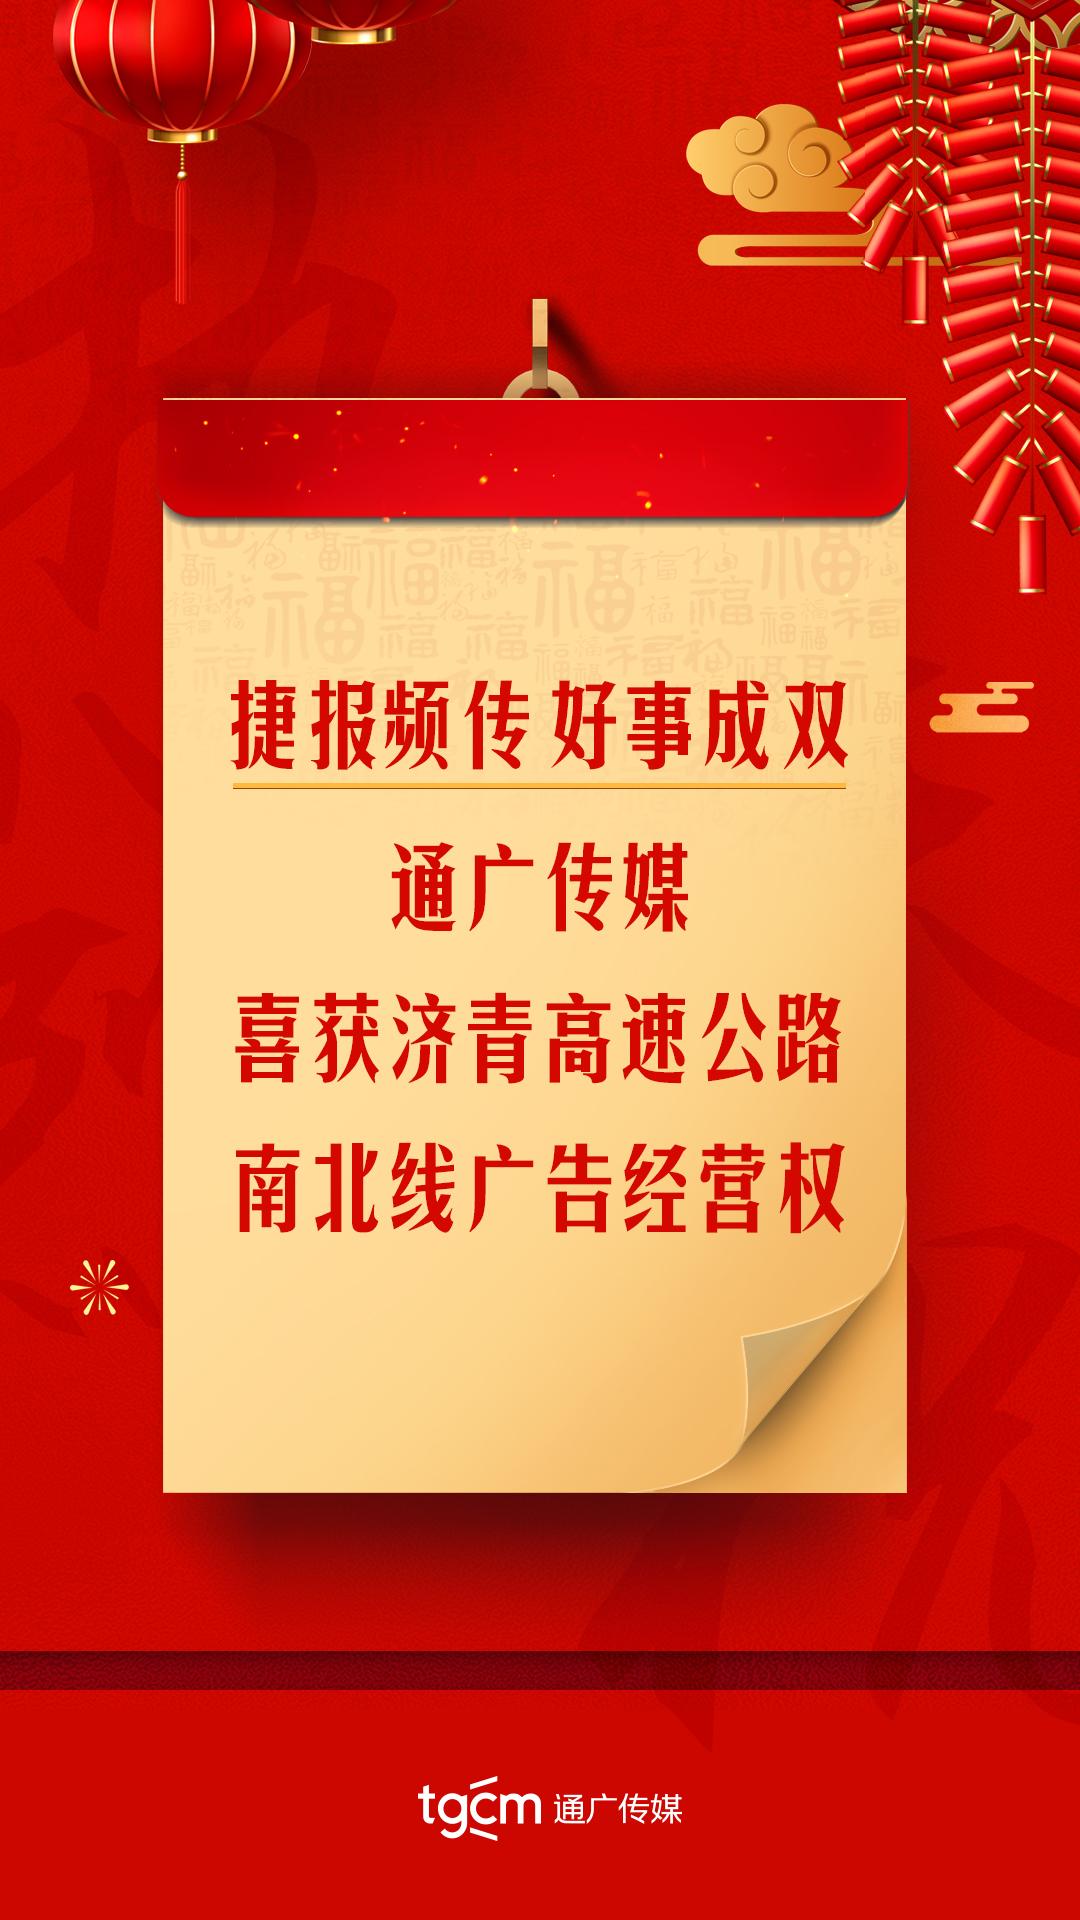 青银高速城阳南_捷报频传,好事成双——通广传媒喜获济青高速南/北线广告经营权